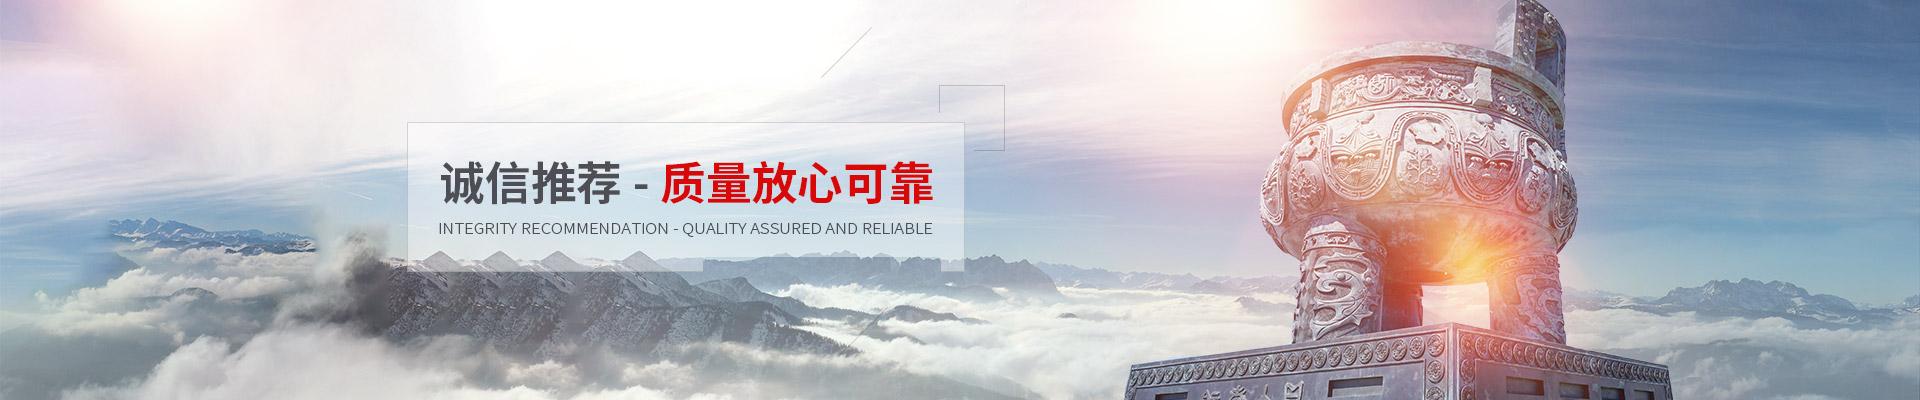 南京软件开发方法「无锡润创网络科技有限公司」